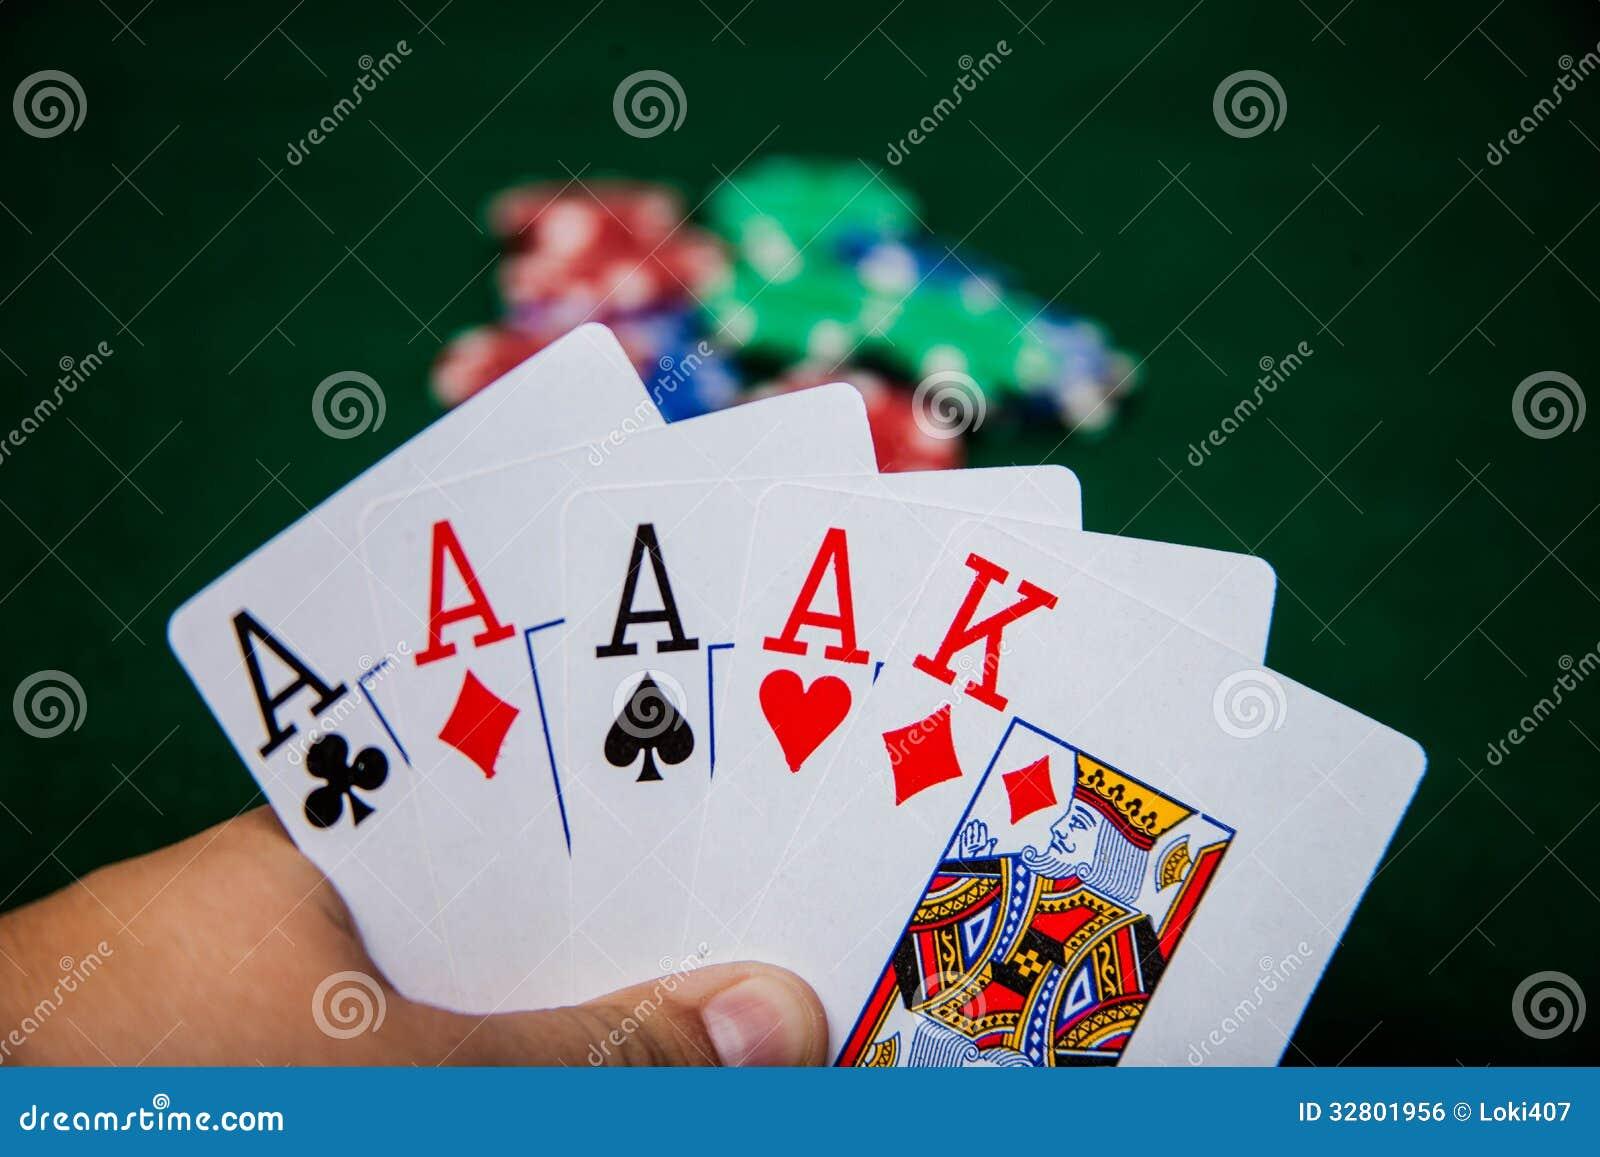 casino ohne einzahl echtgeldbonus